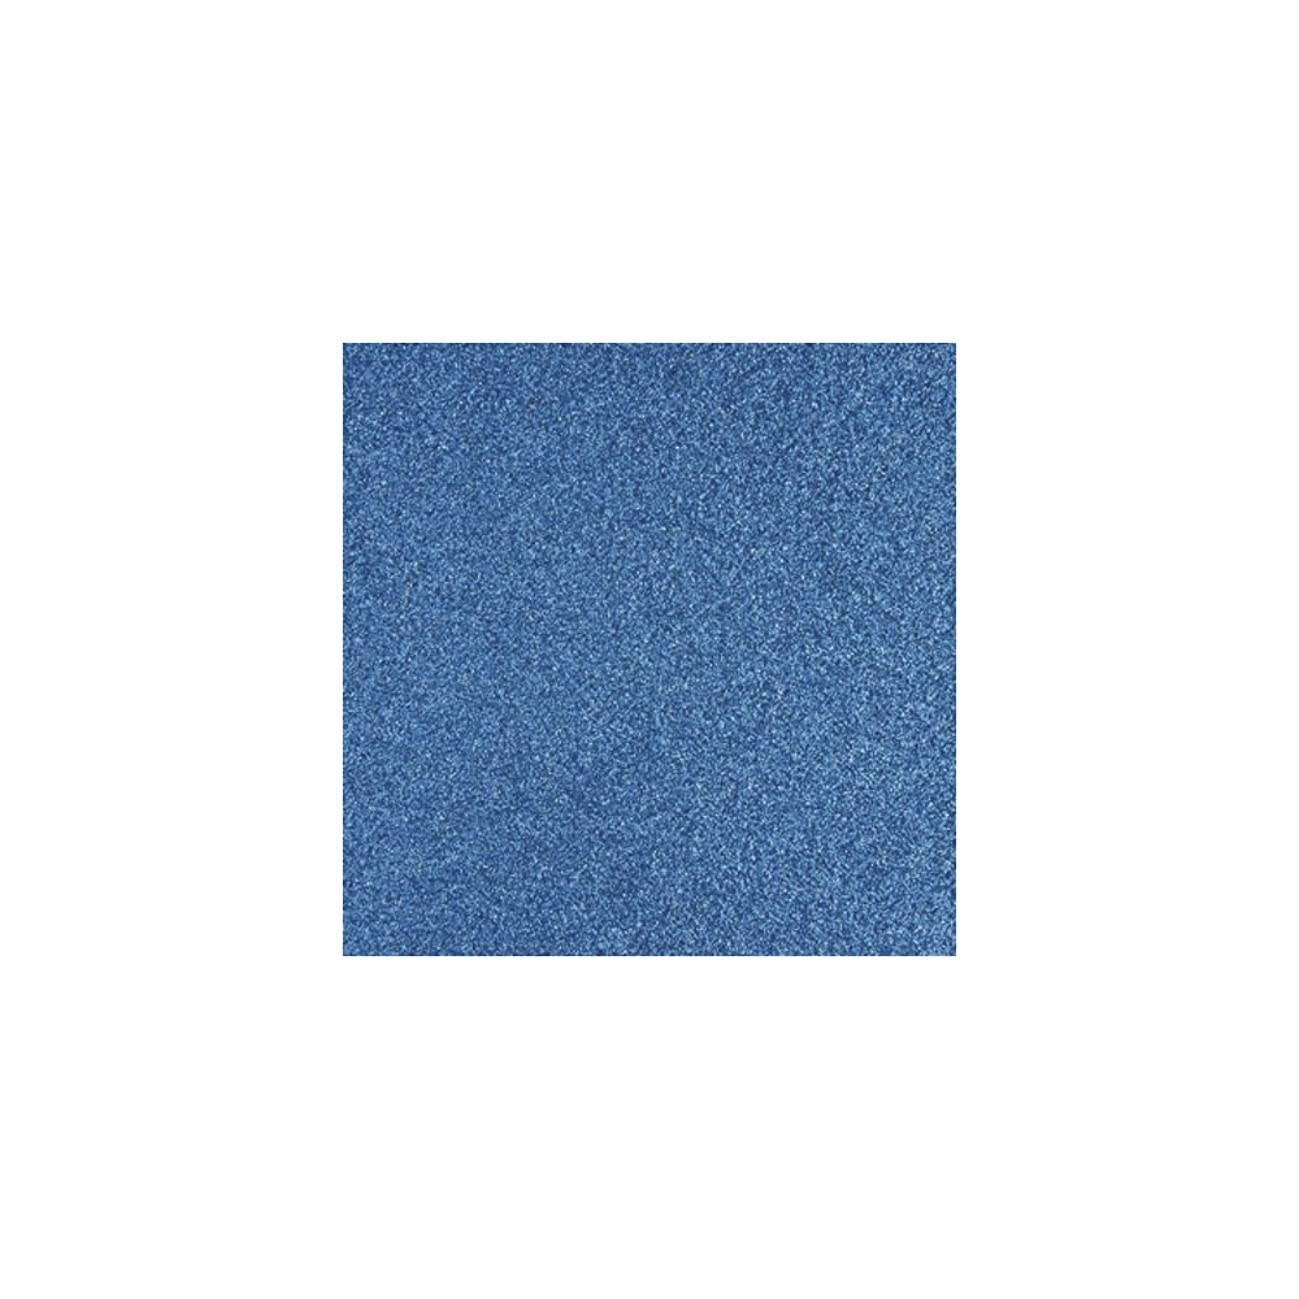 RAYHER 79668374?Scrapbook Paper: Glitter, 30,5x30,5?cm, 200?g/m2?–?A